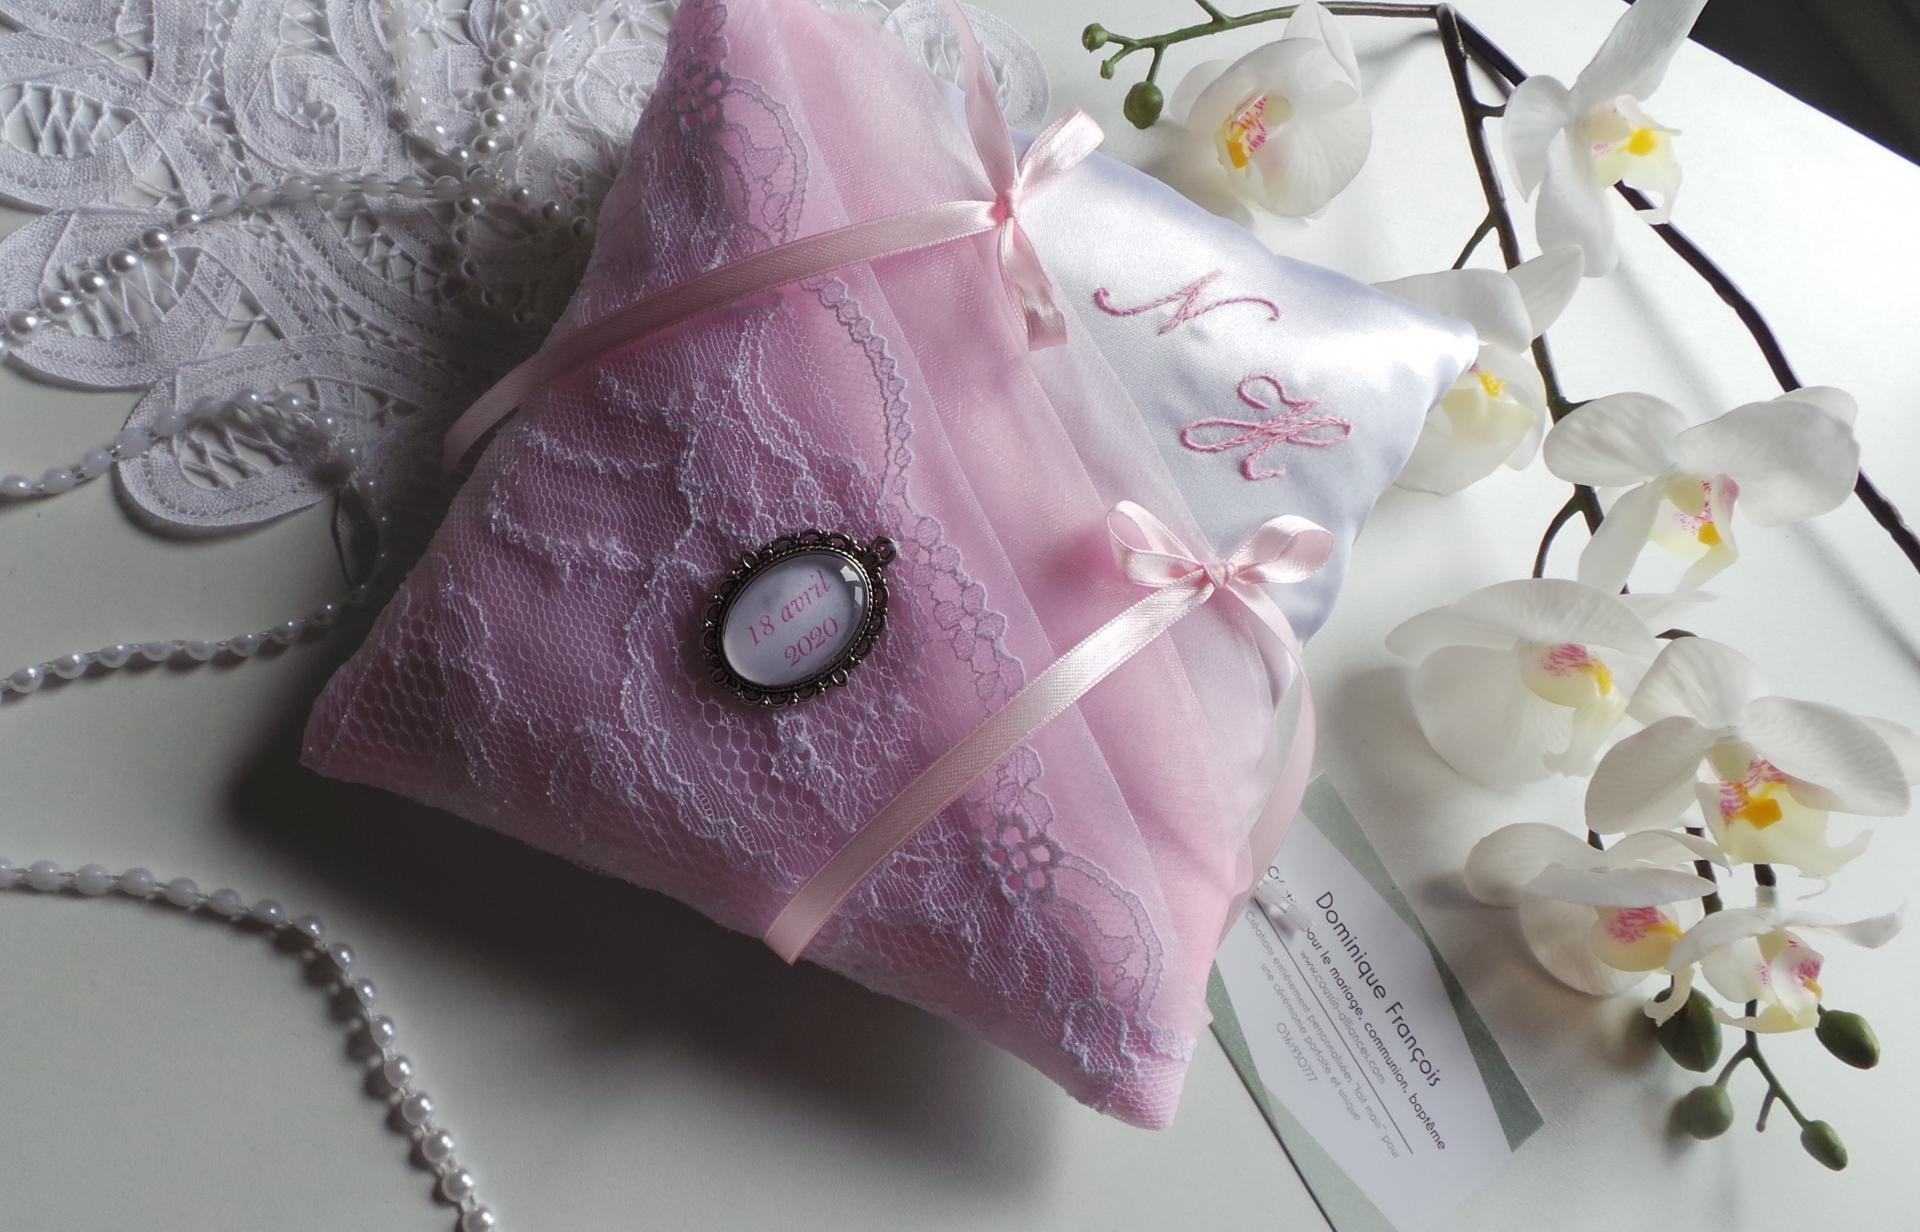 Coussin alliance chic rose pale et blanc dentelle de calais brode main personnalise 3